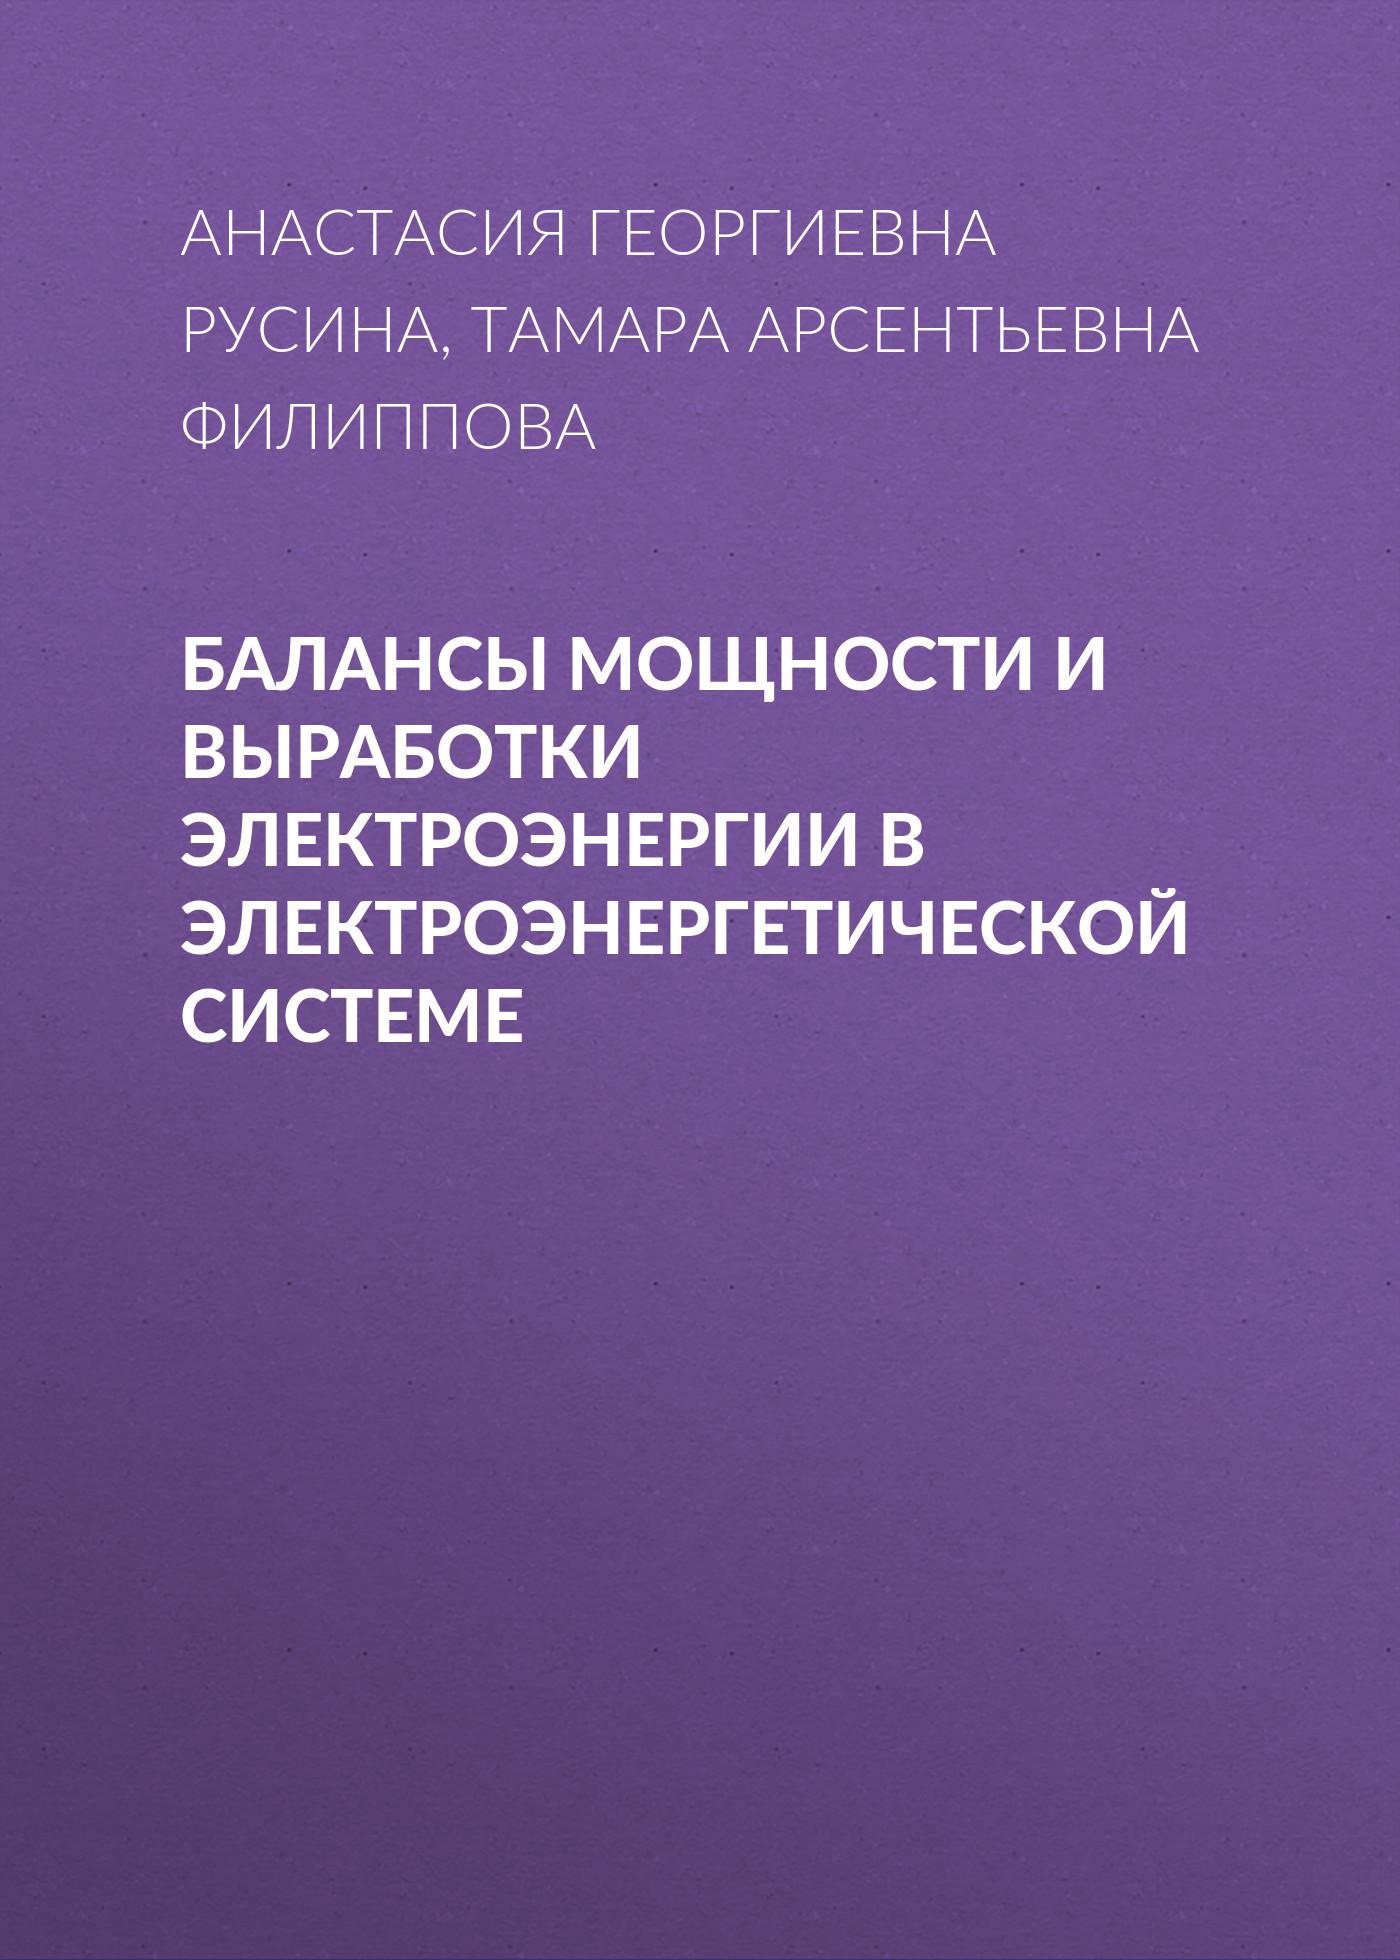 Анастасия Георгиевна Русина Балансы мощности и выработки электроэнергии в электроэнергетической системе